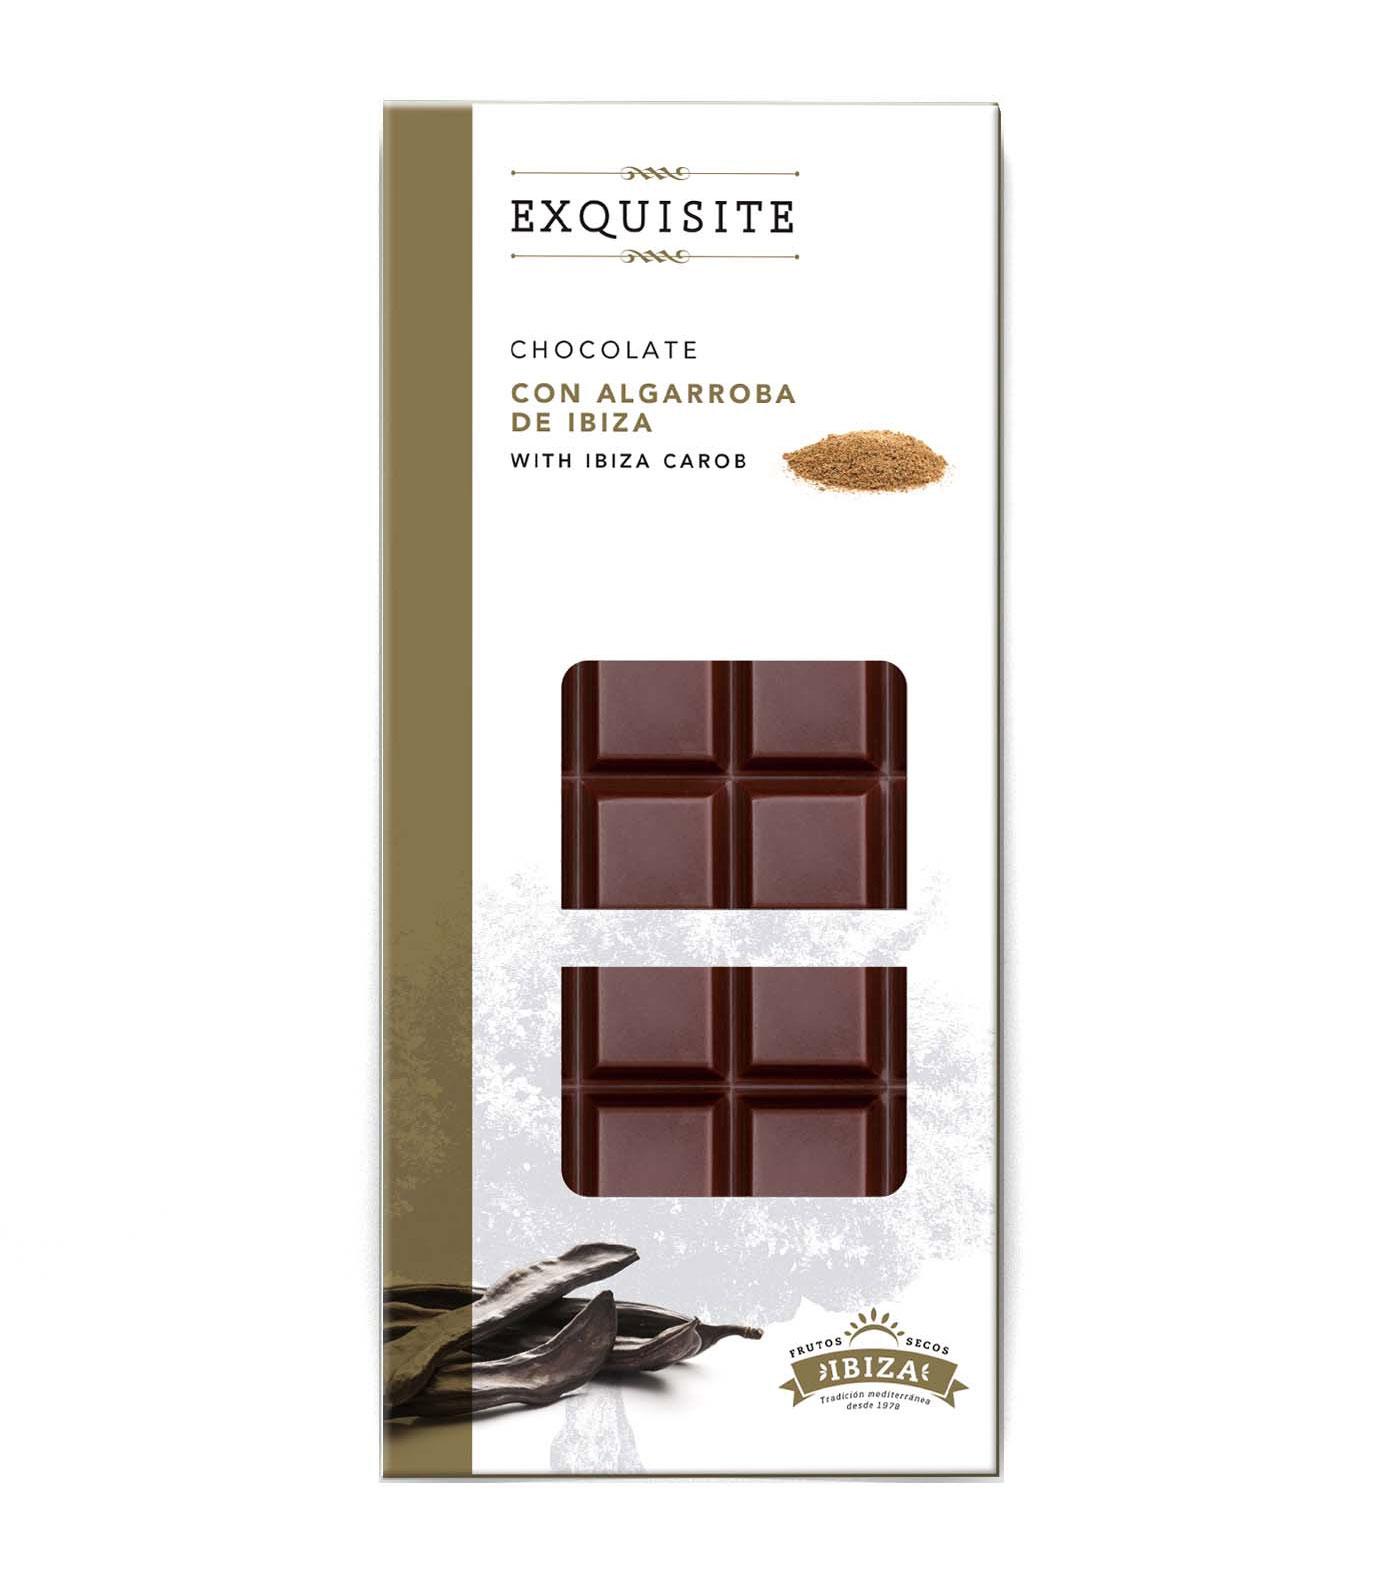 1 CHOCOLATE-CON-ALGARROBA-DE-IBIZA-EXQUISITE_1